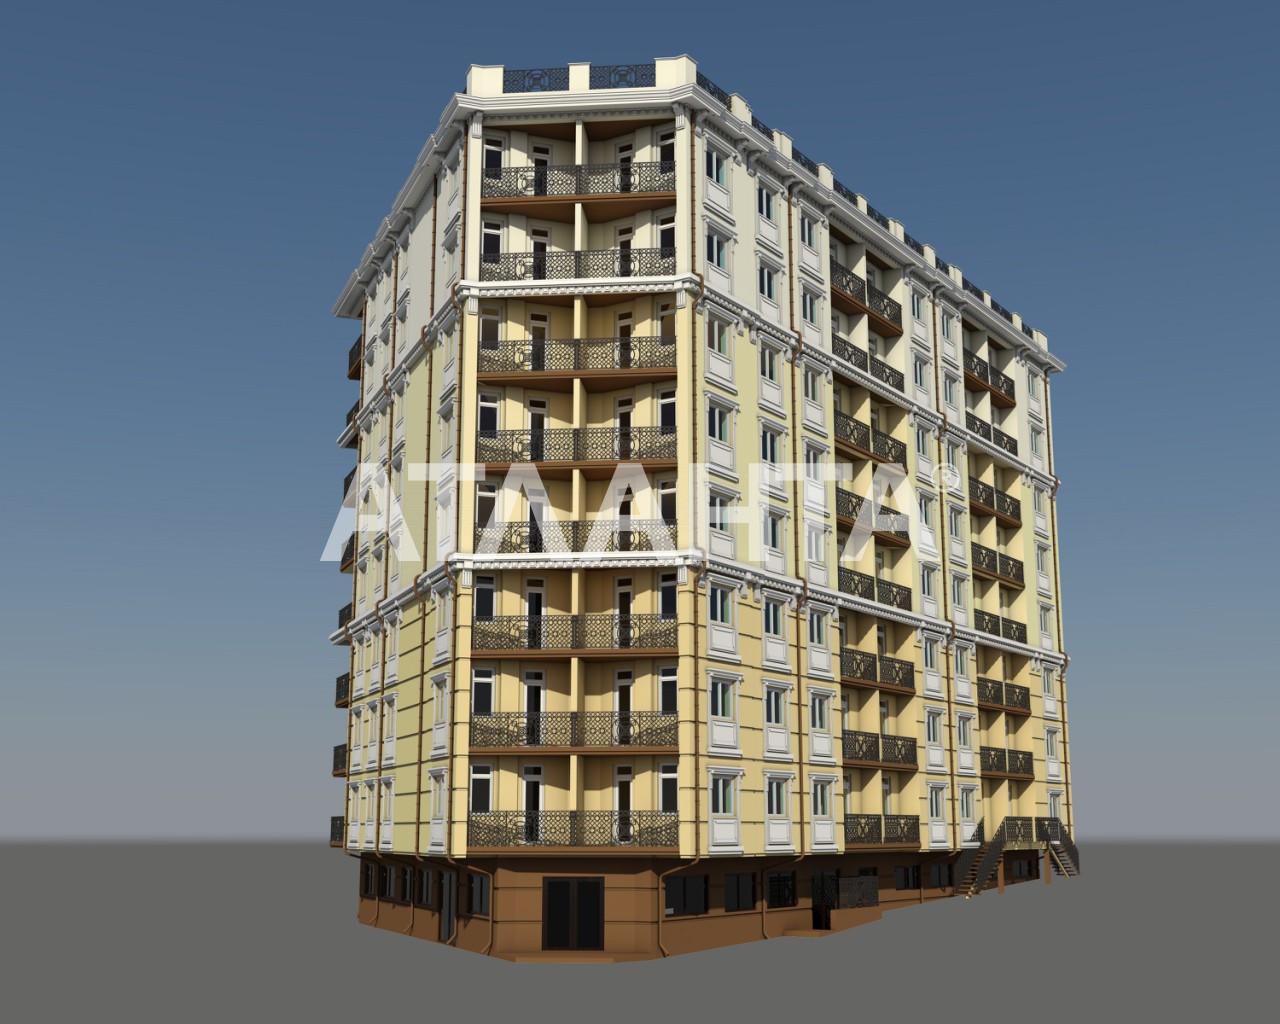 Продается 1-комнатная Квартира на ул. Новосельского (Островидова) — 59 070 у.е.